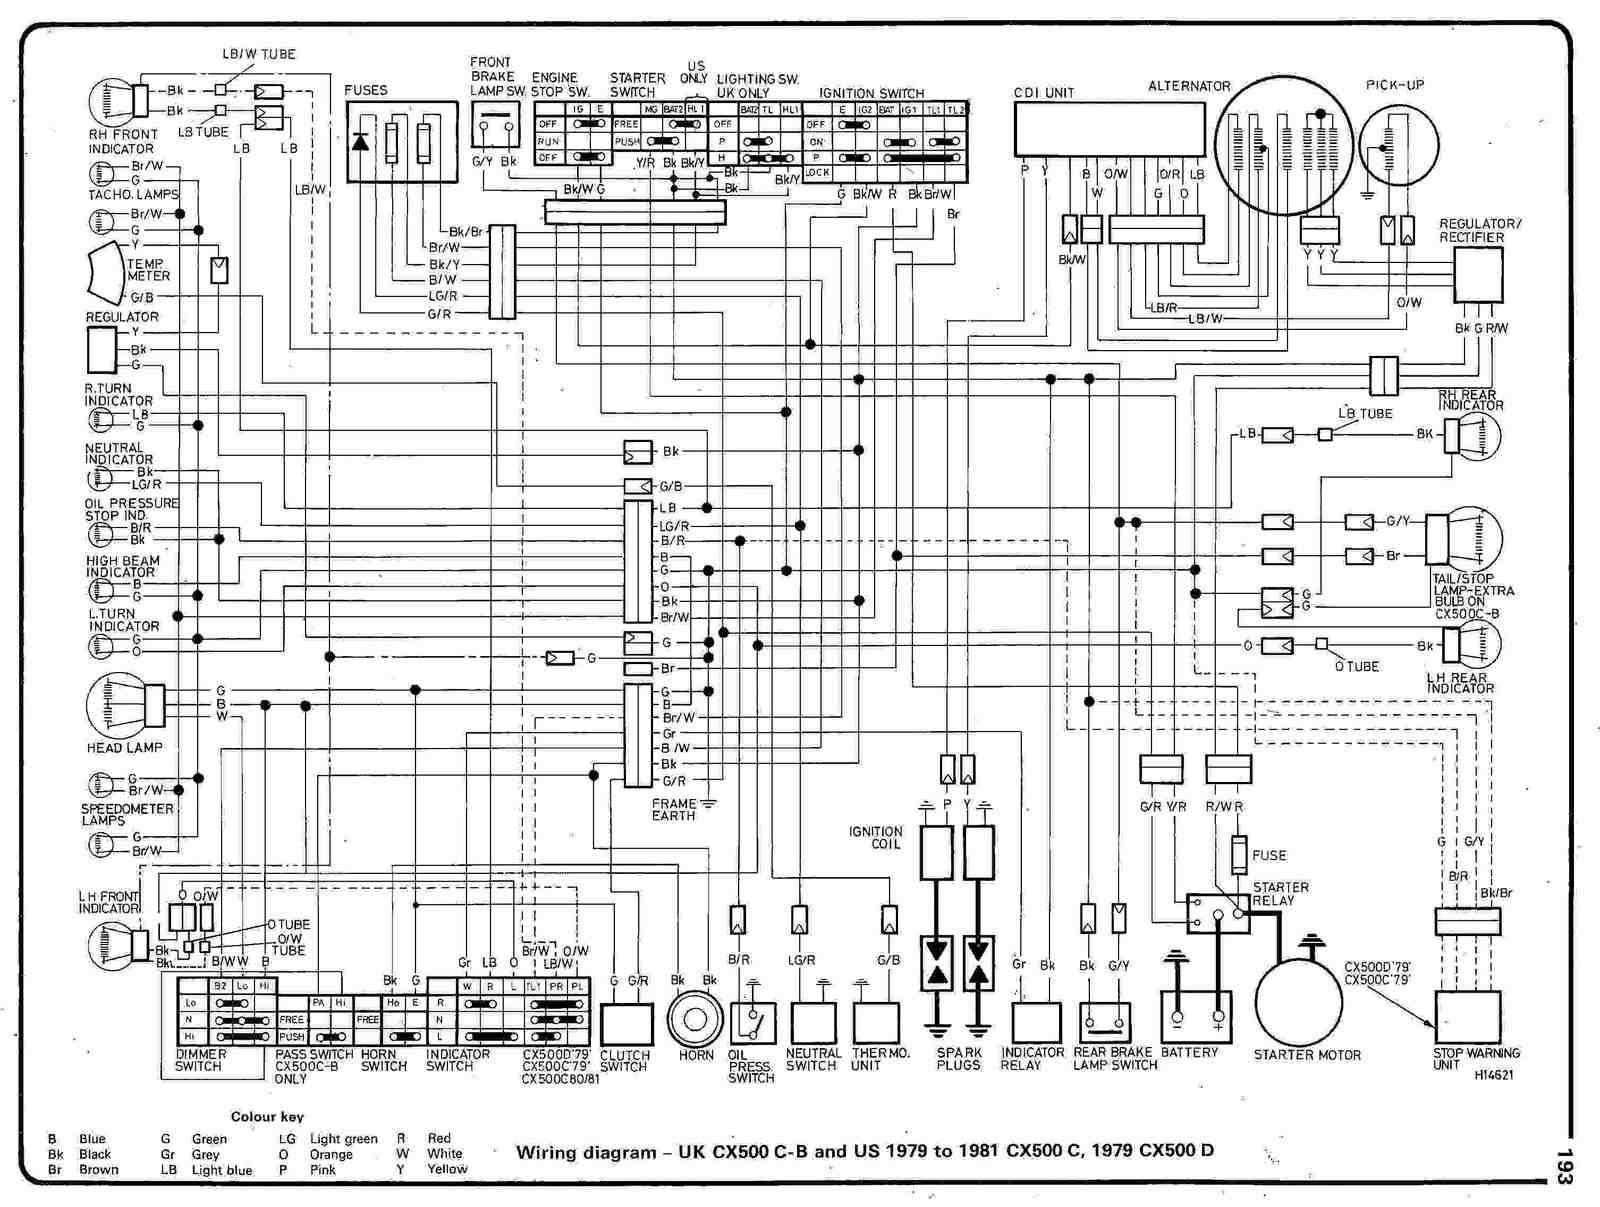 81 Honda Wiring Diagram | Wiring Diagram on